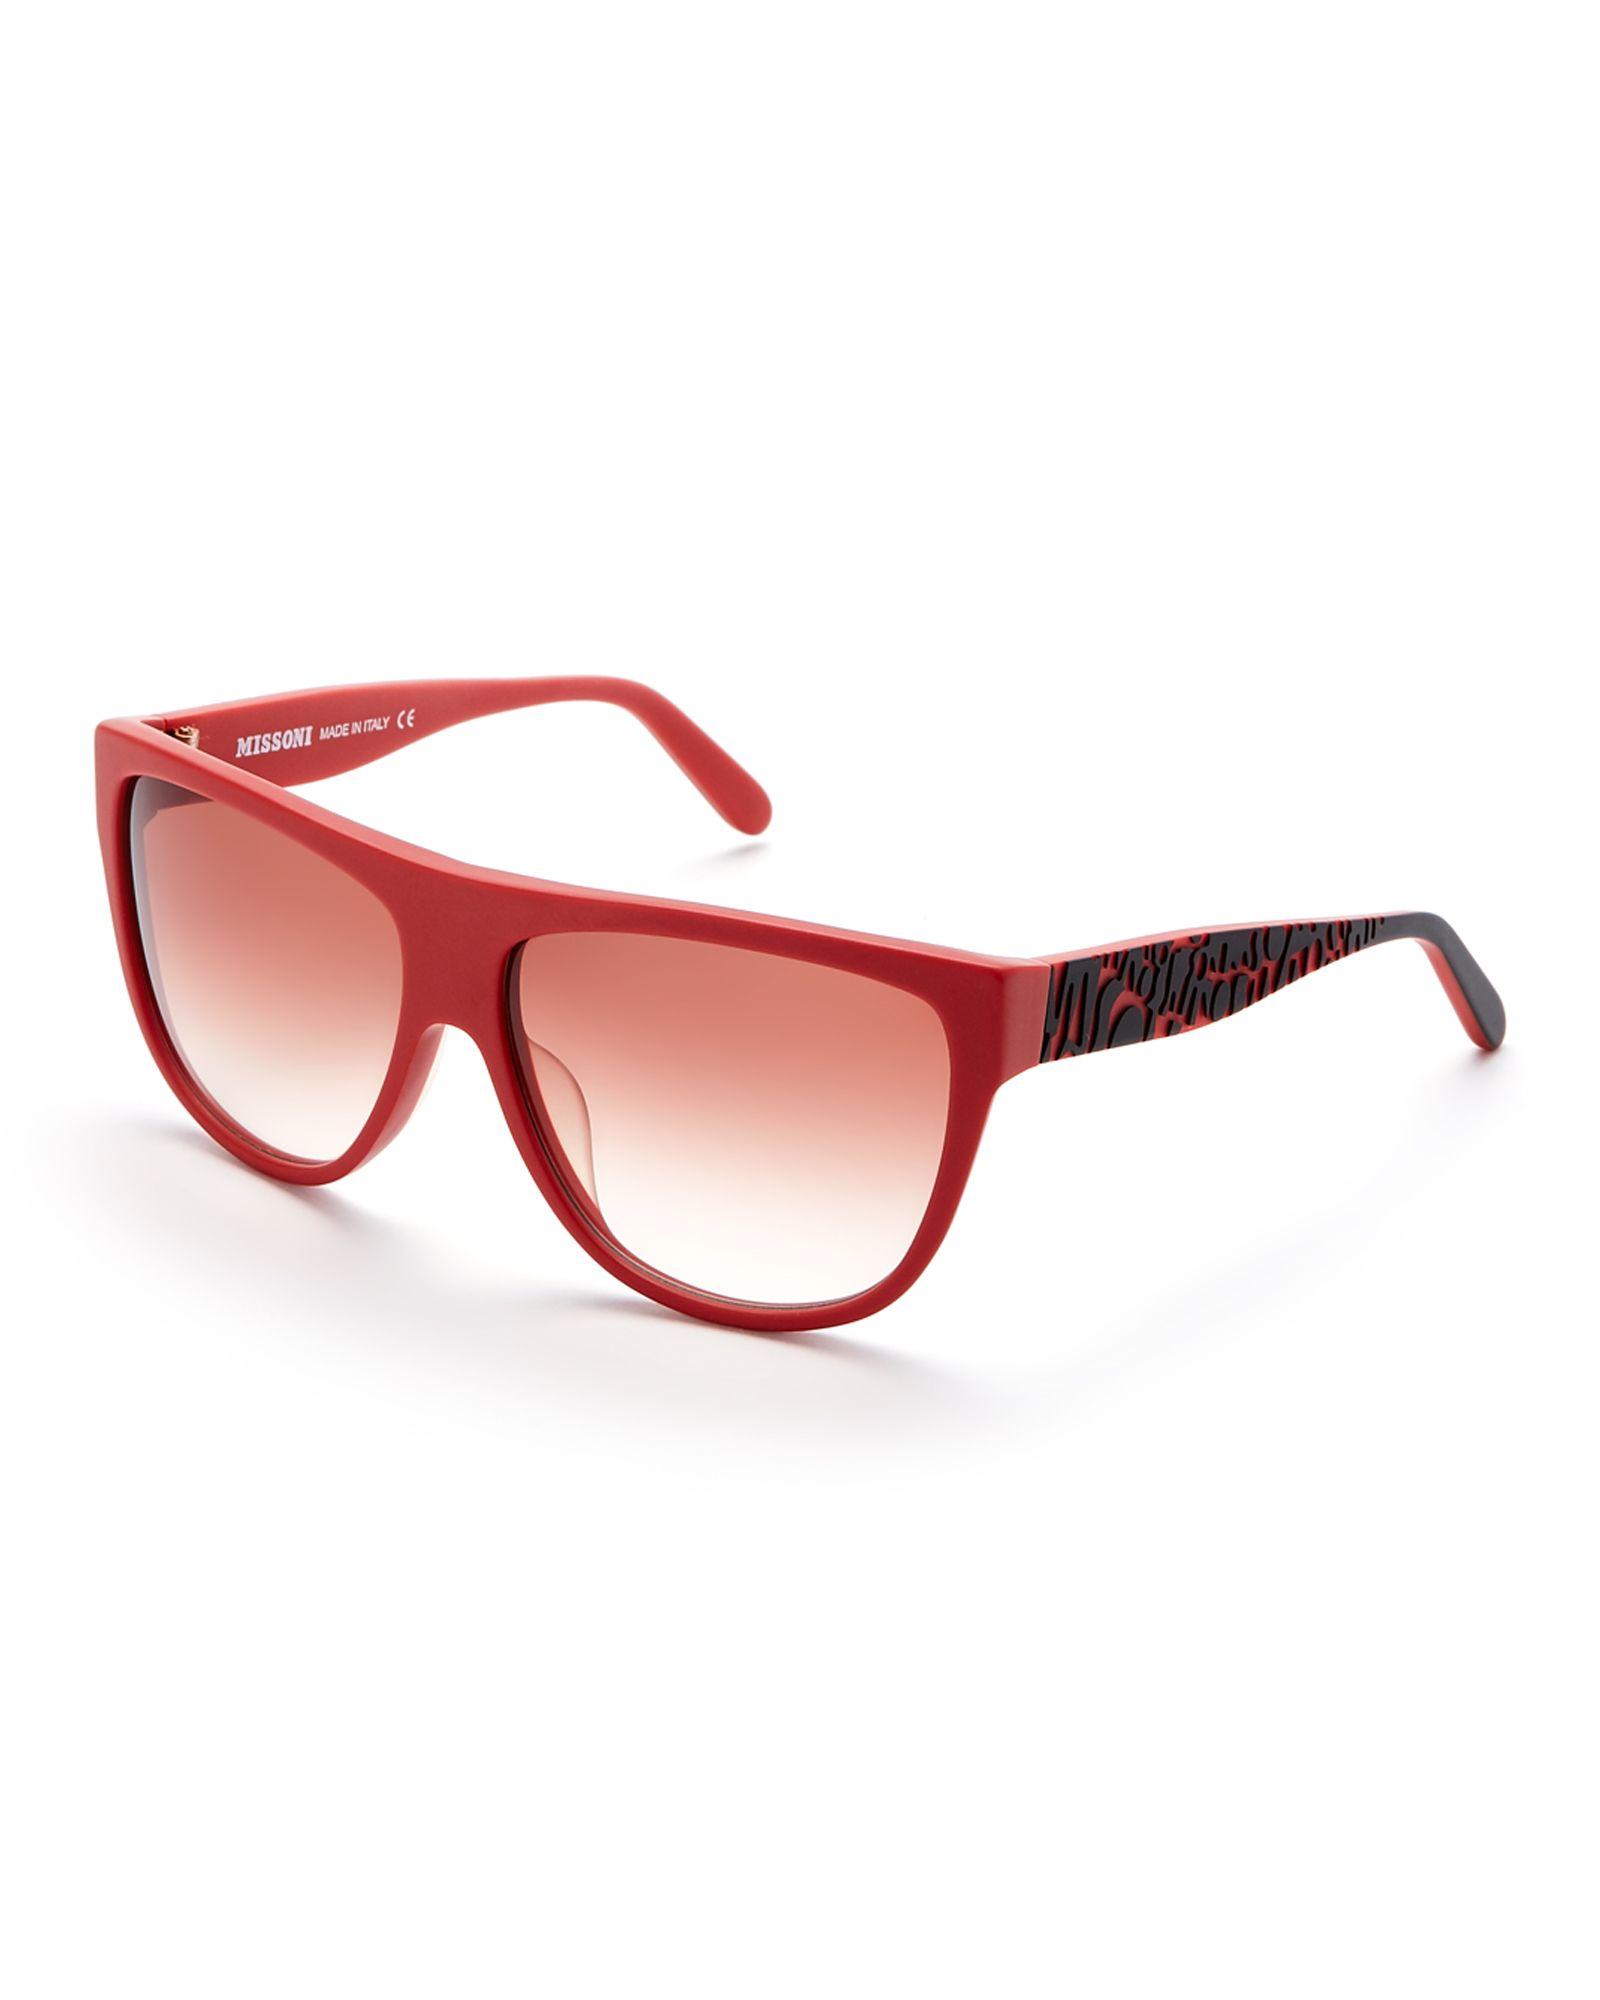 7953a2575f21a Missoni Dark Rose MI 801S XL Wayfarer Sunglasses    Apparel ...